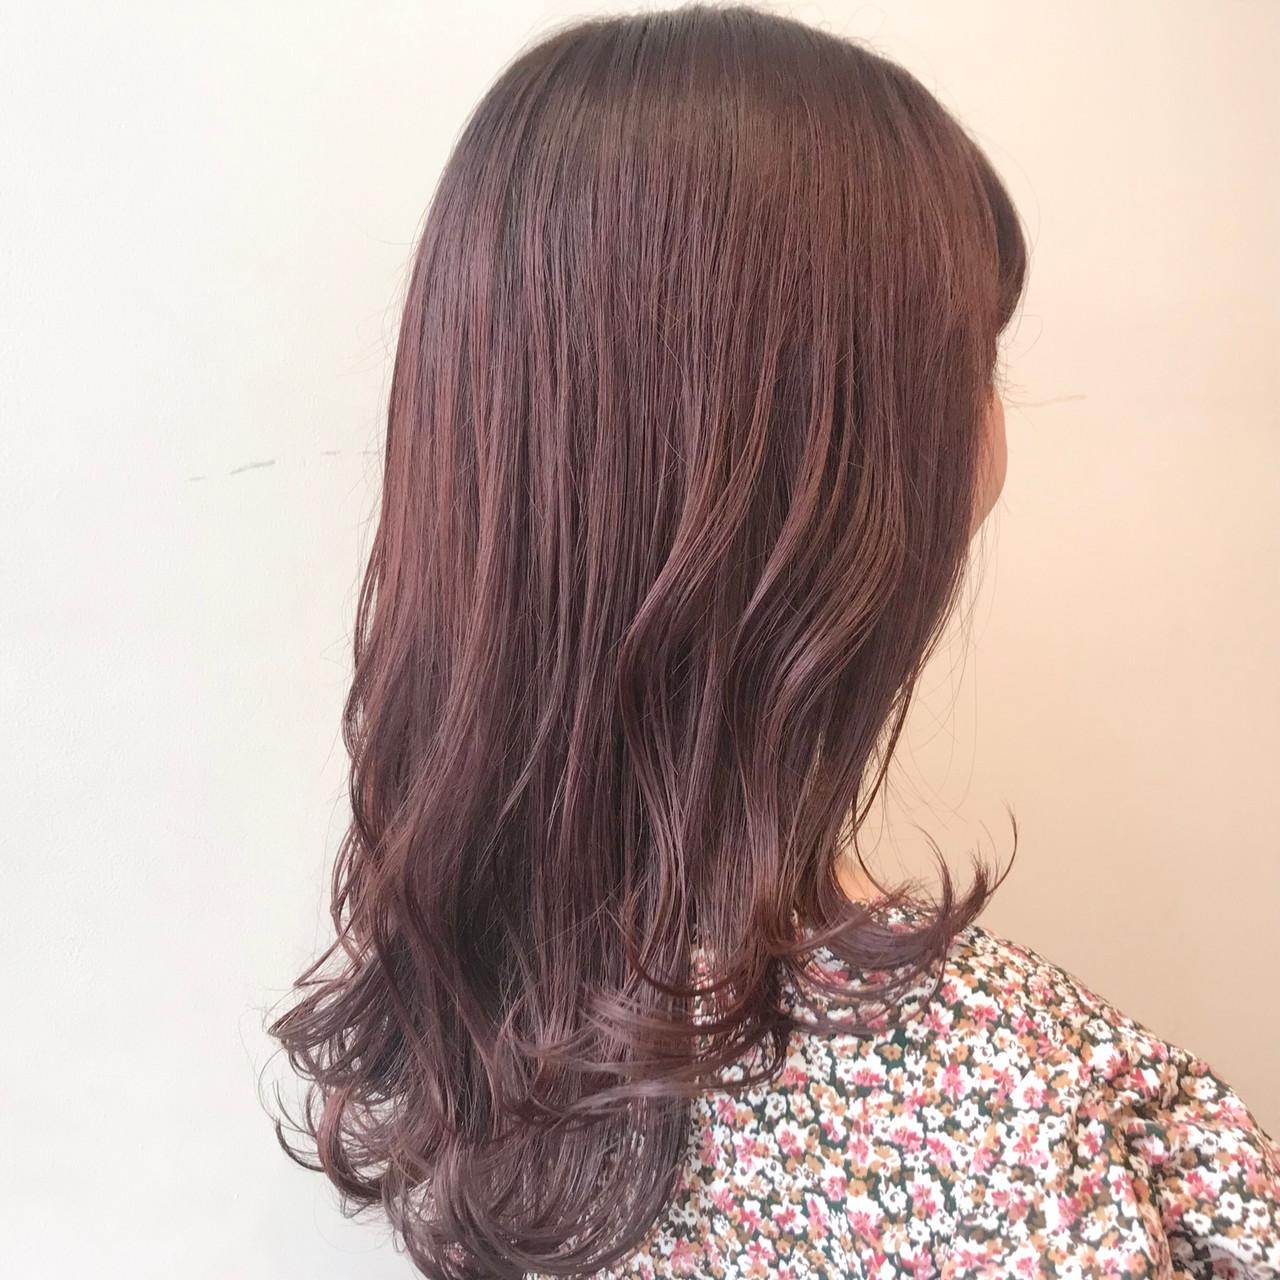 ピンクラベンダー ピンクベージュ ピンクアッシュ フェミニン ヘアスタイルや髪型の写真・画像 | 村西 郁人 / rue